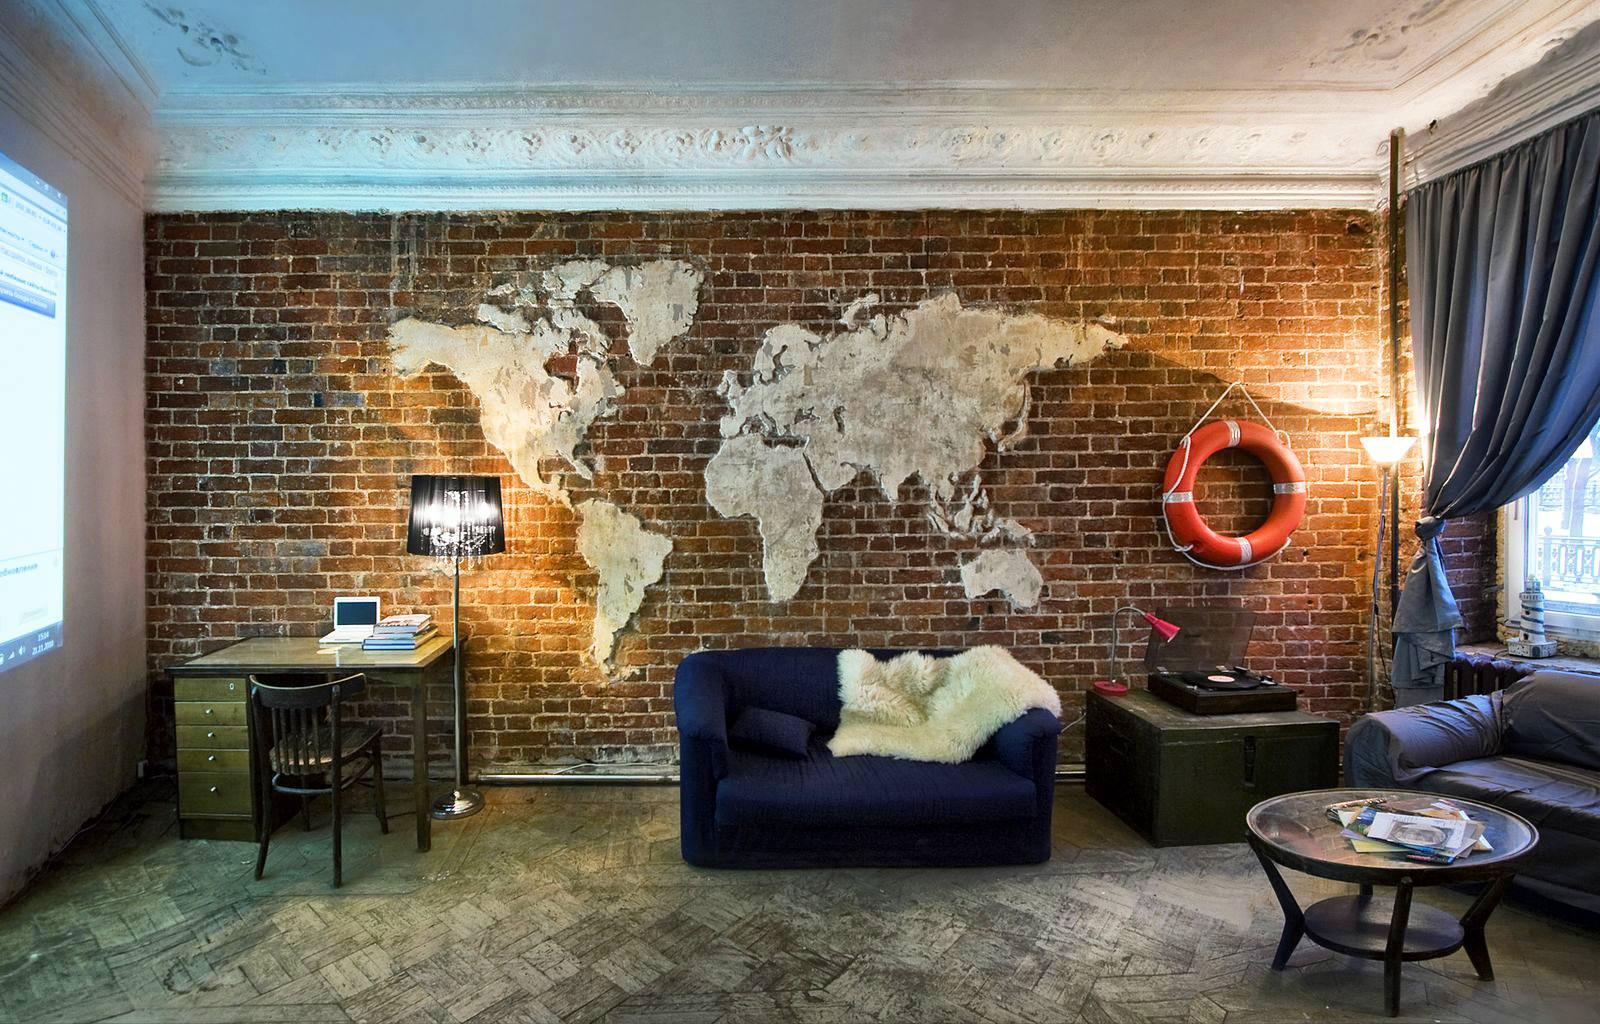 Карта мира из бетона в интерьере квартиры